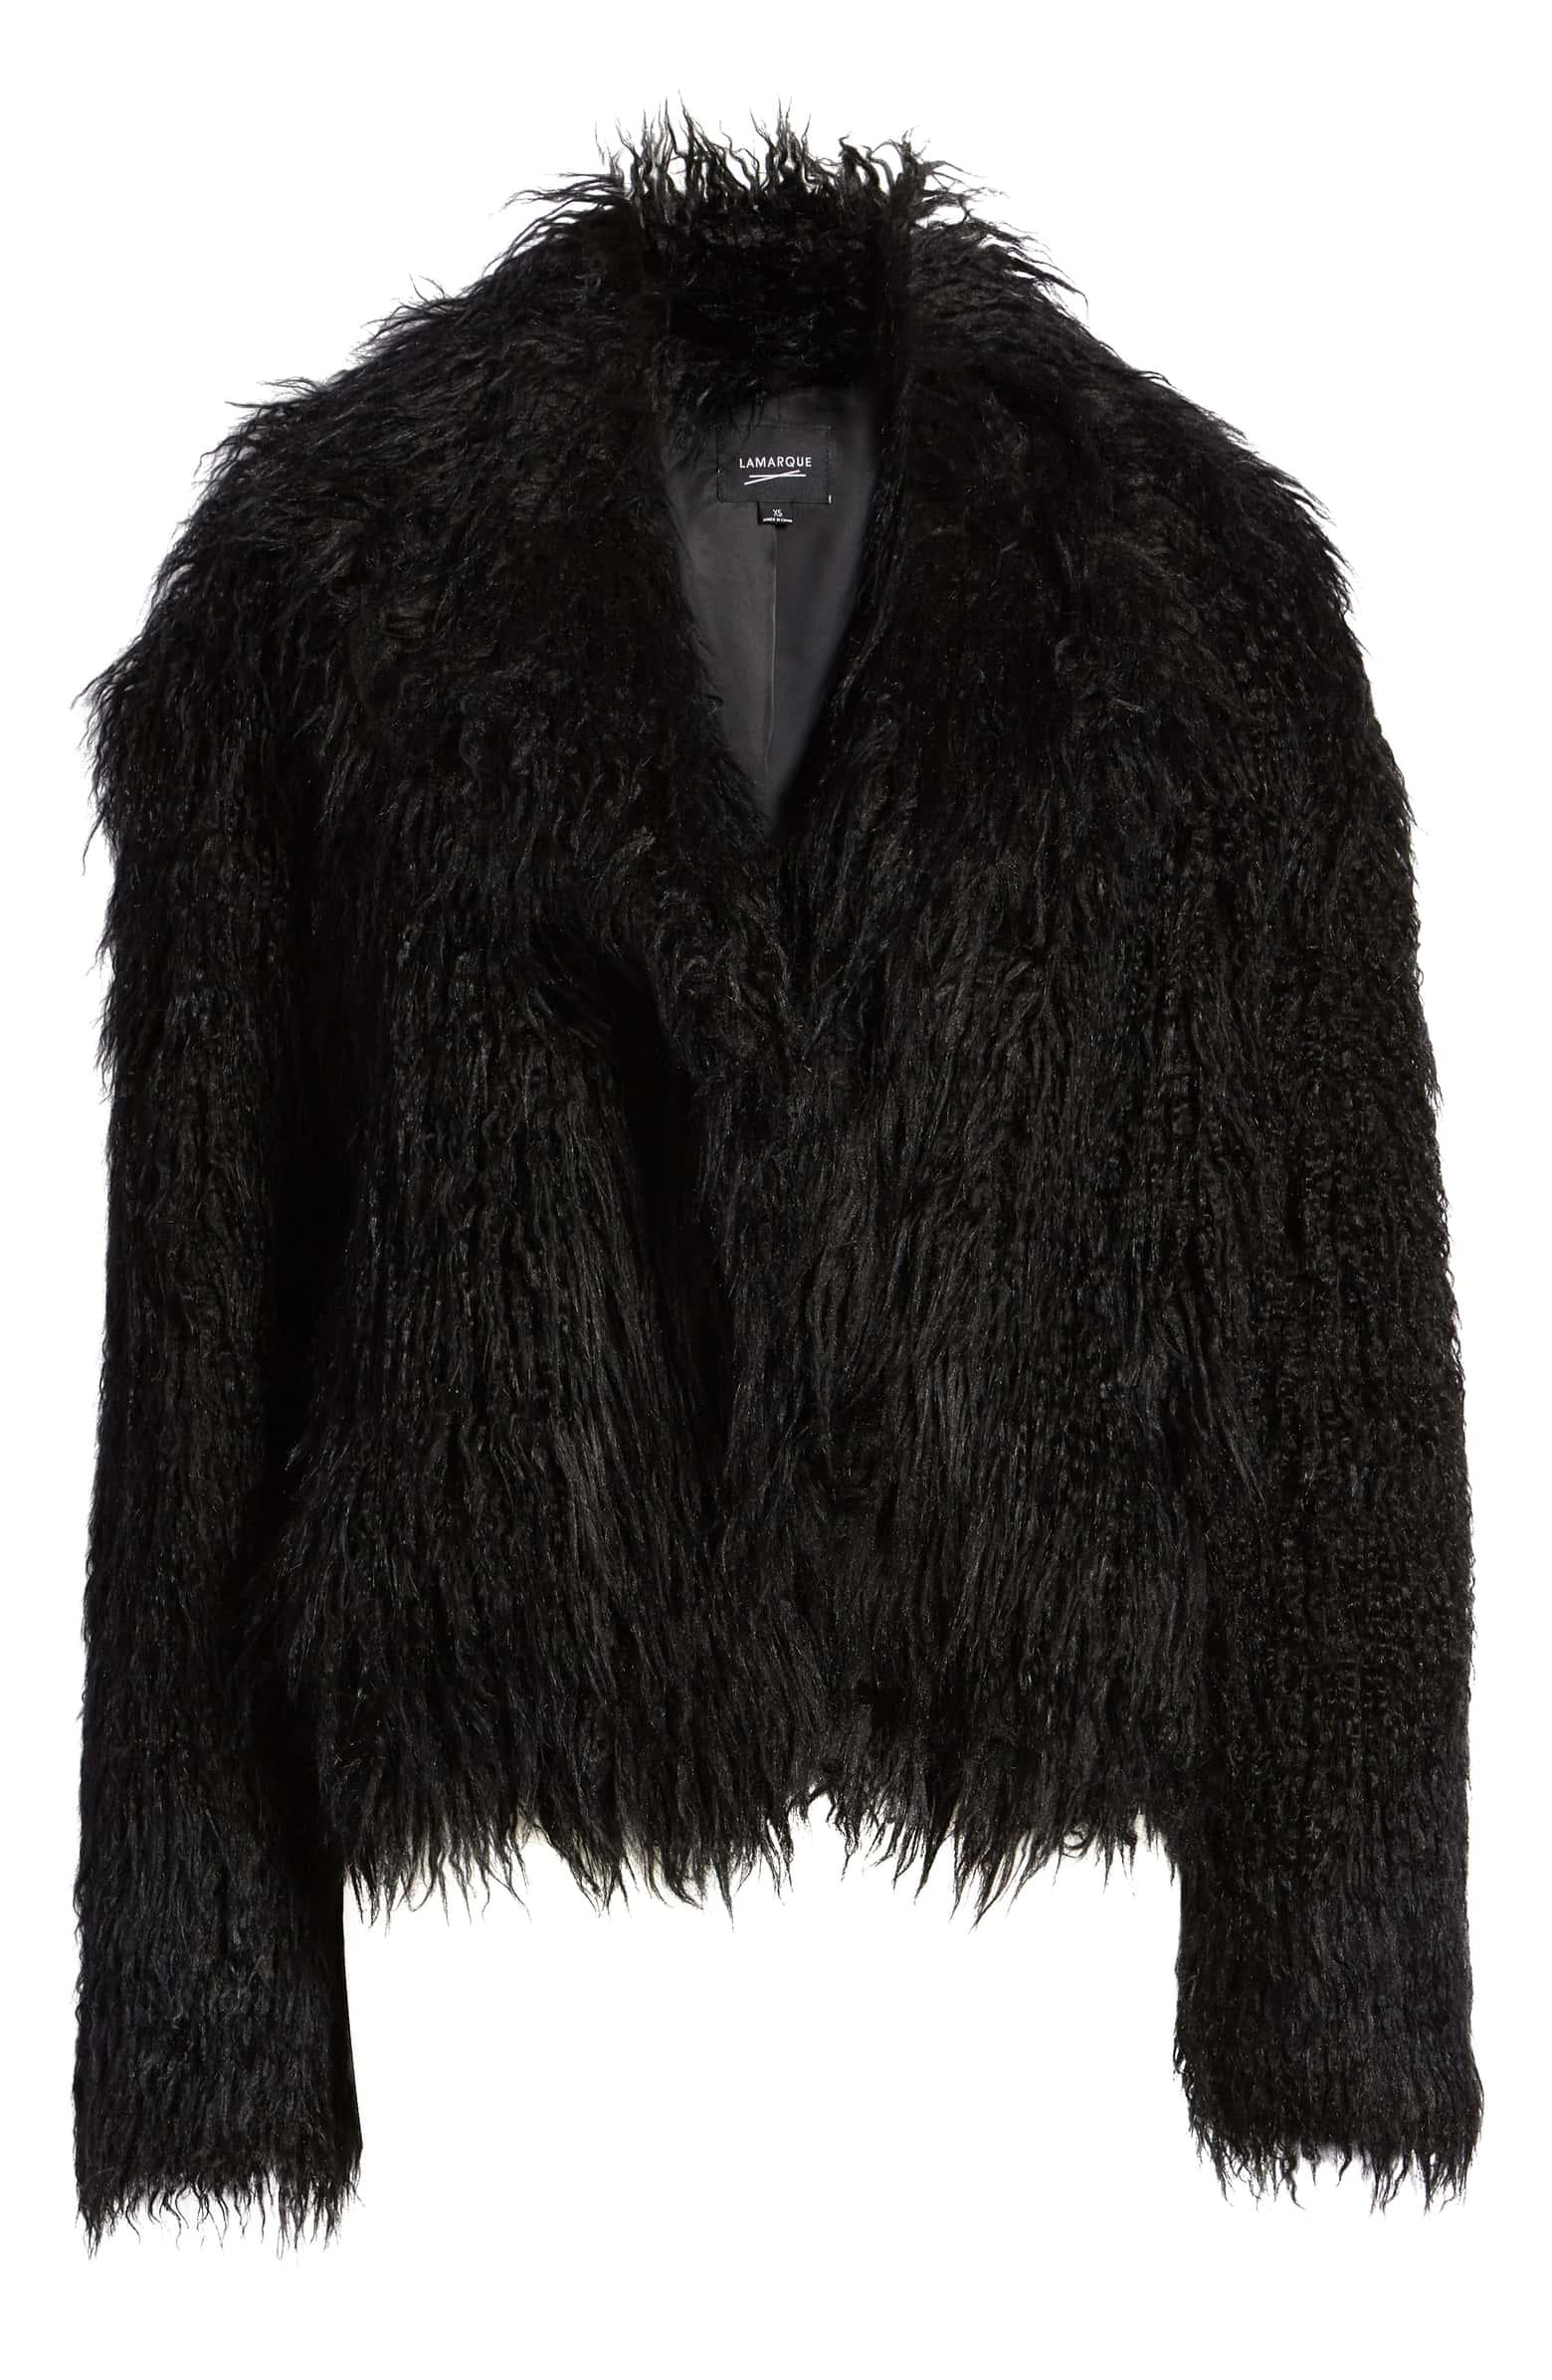 LAMARQUE Faux Fur Jacket, $395